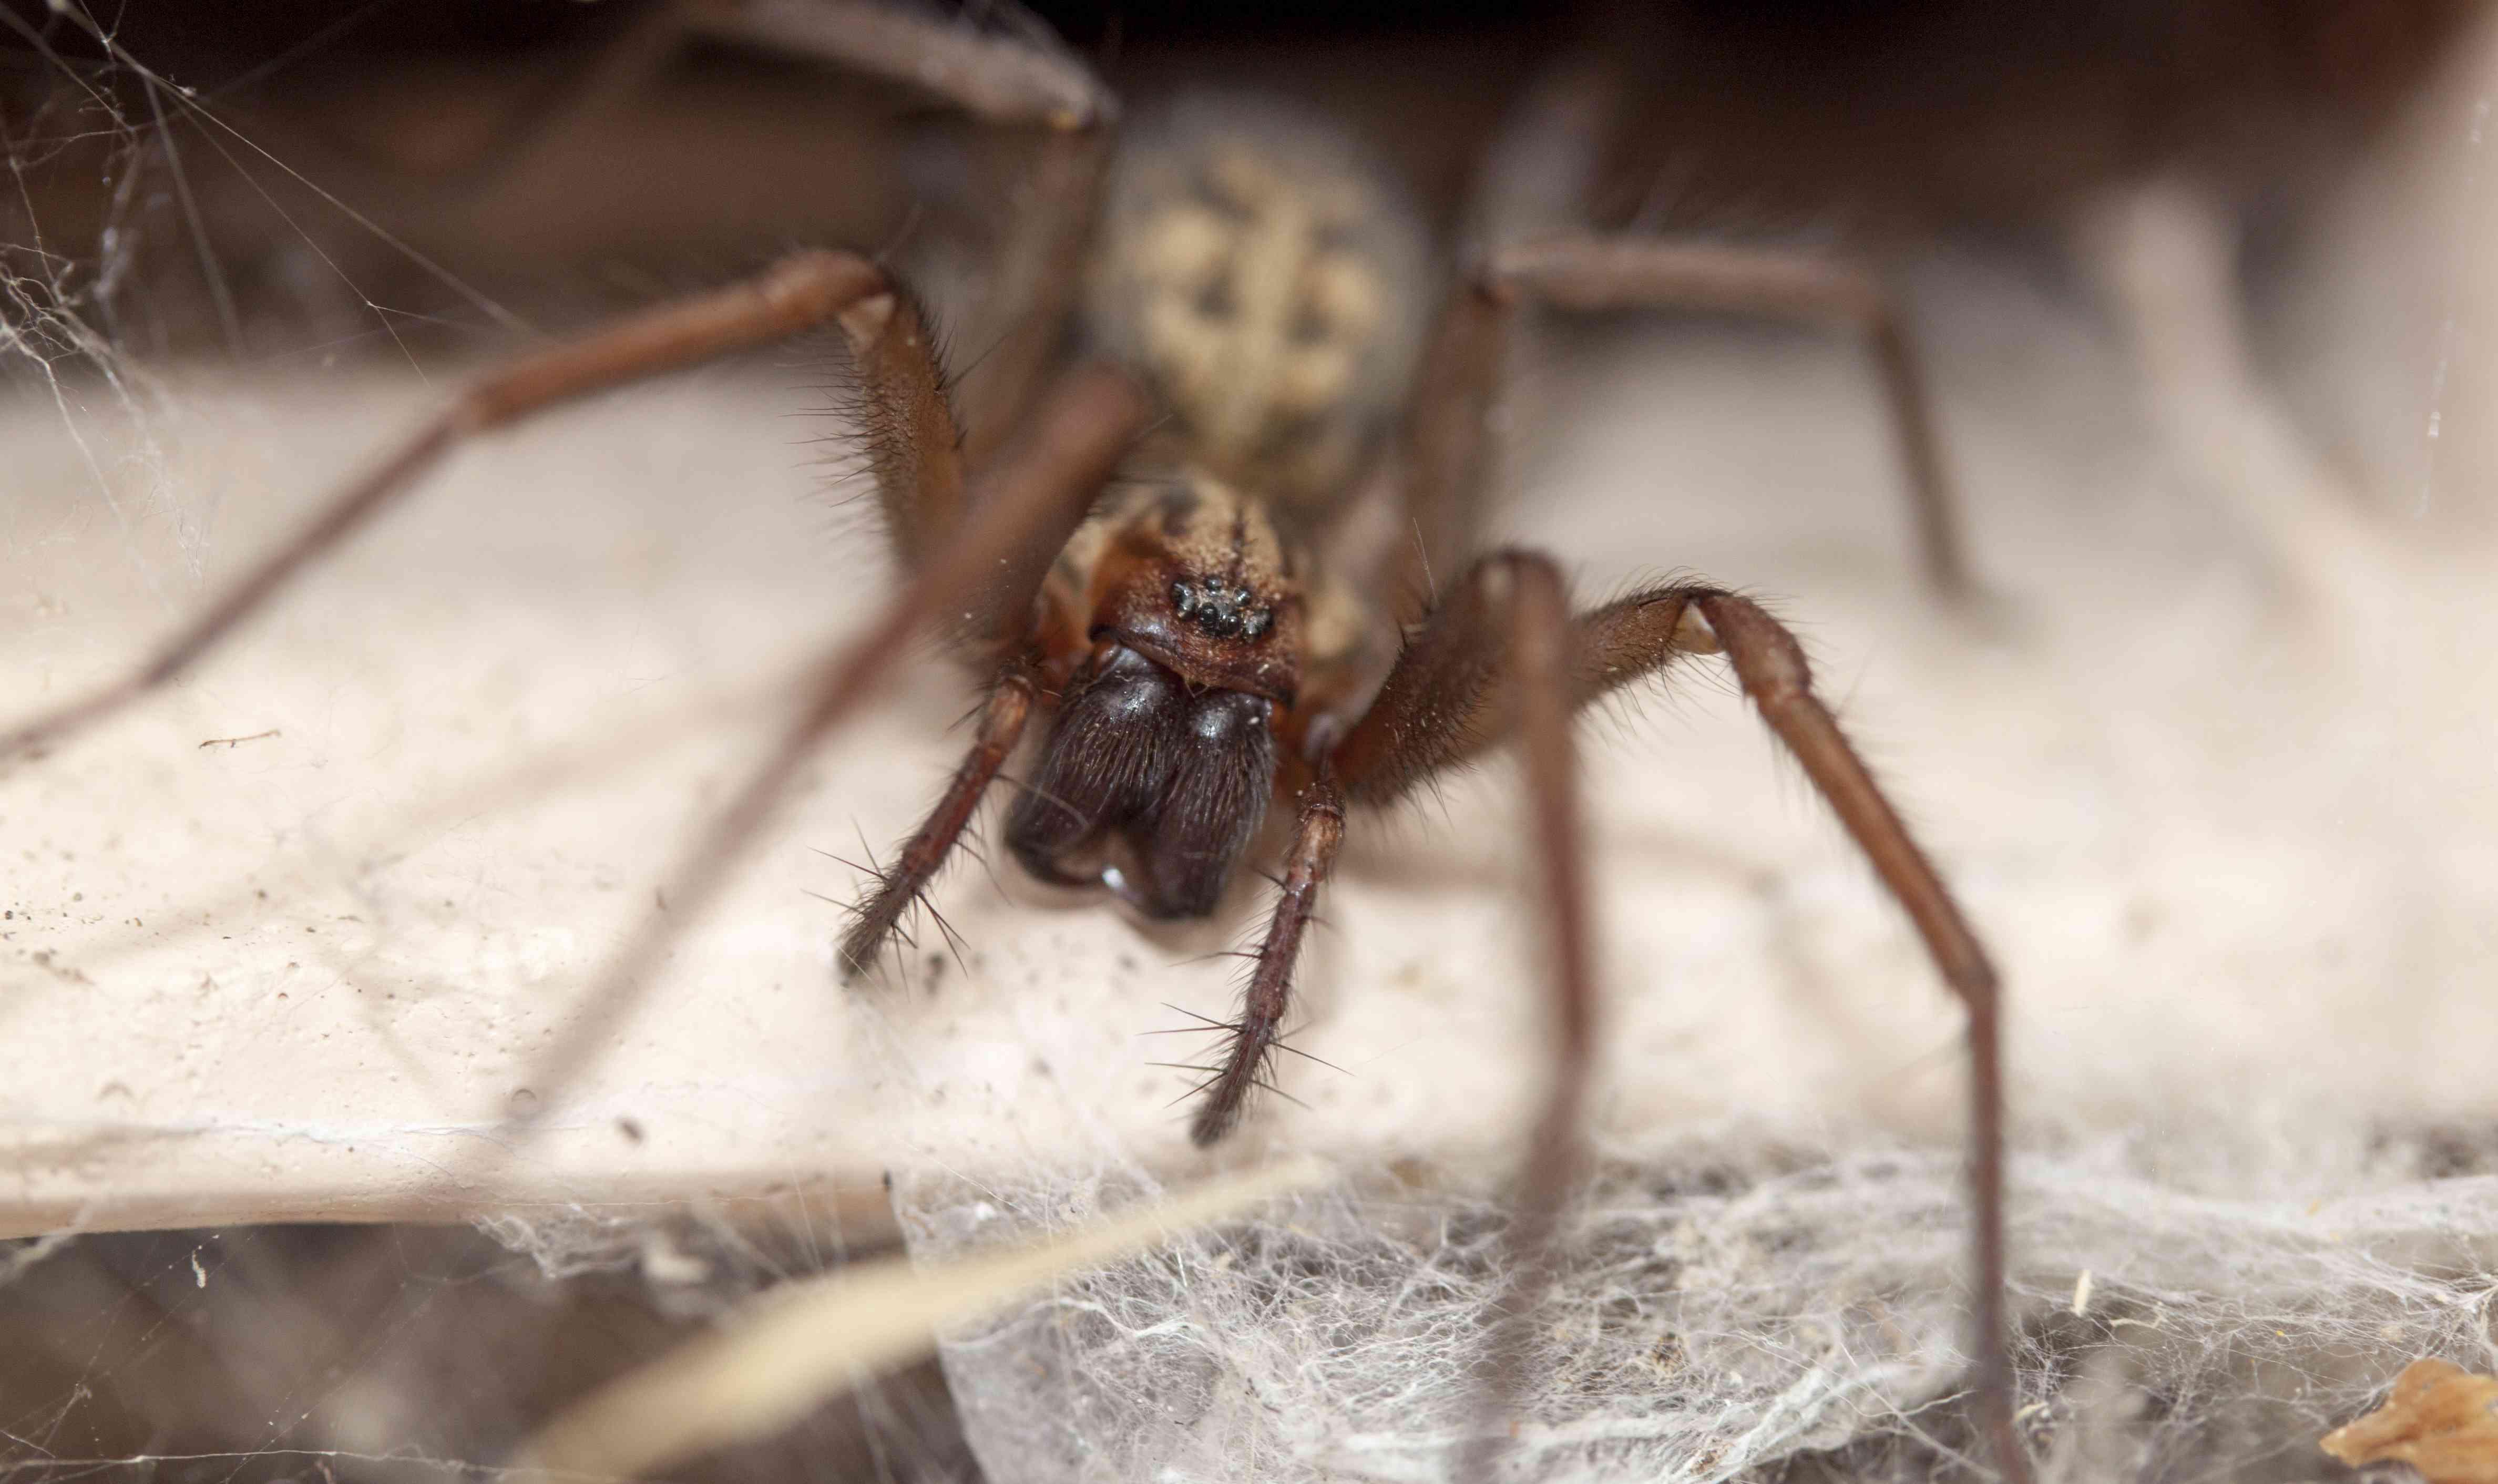 Domestic house spider, Tegenaria domestica